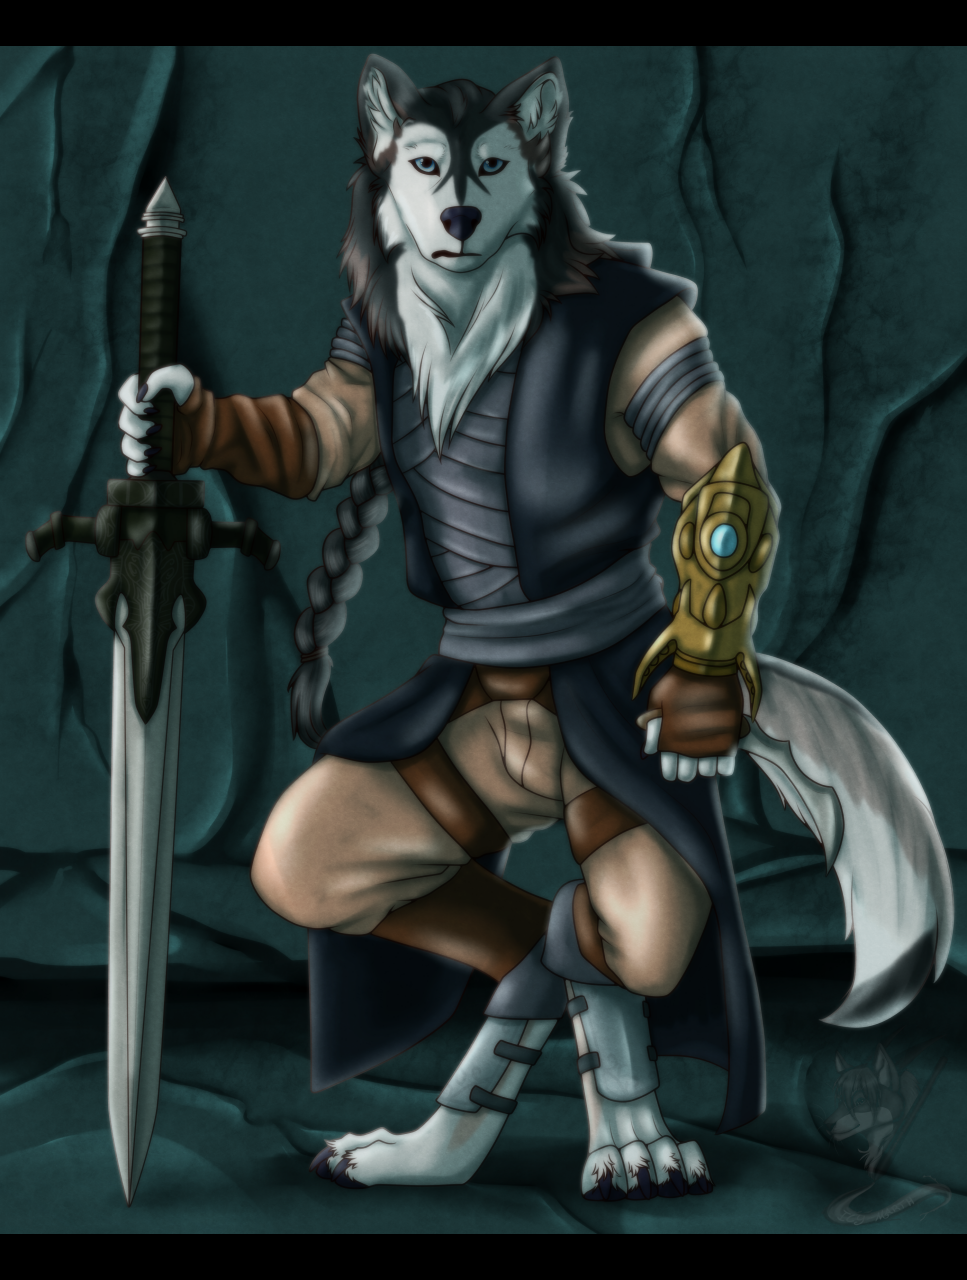 Werewolf Soldier by Icy-Marth